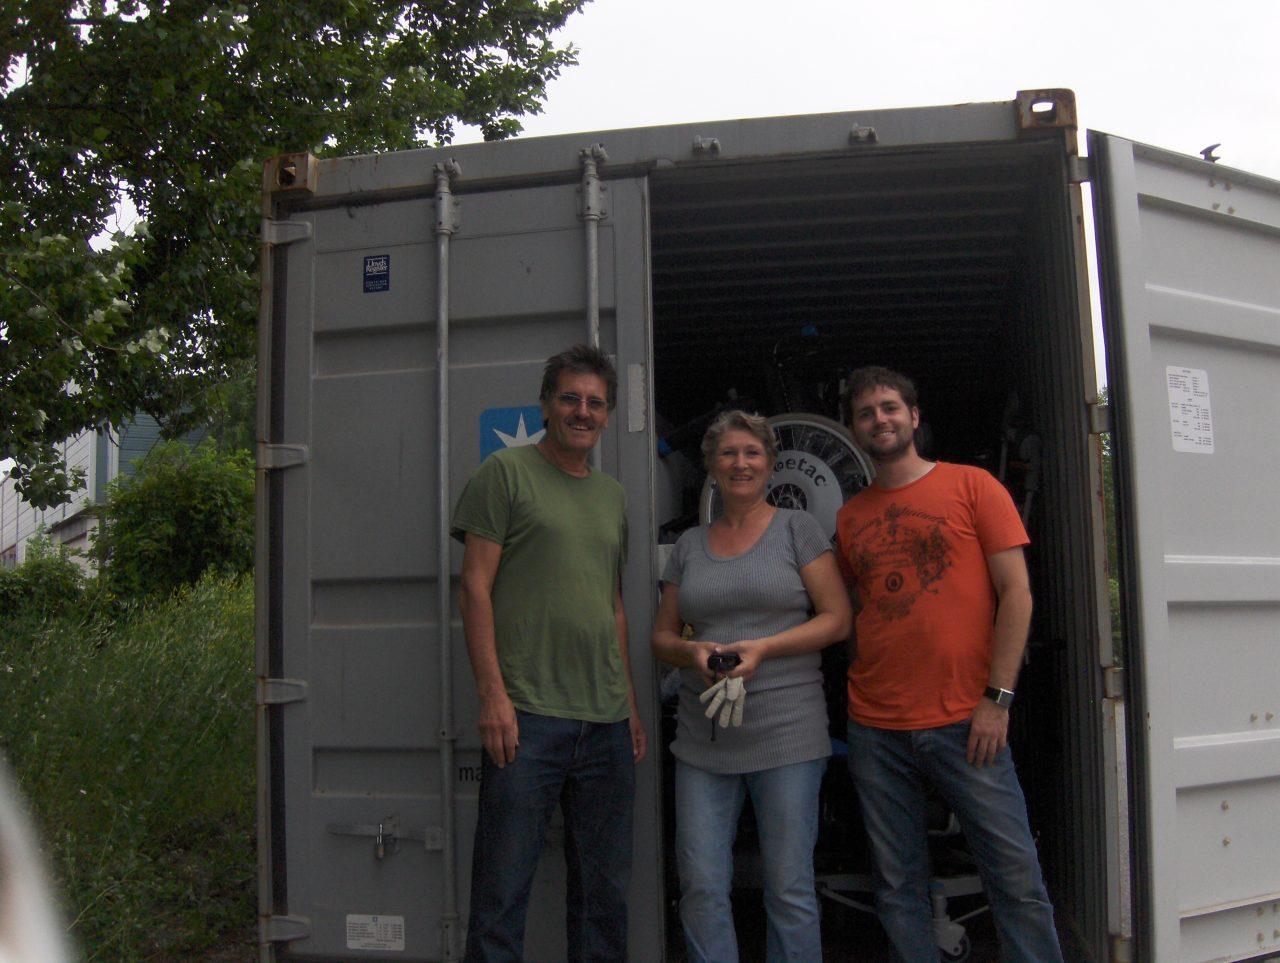 Carlos, Marianne og Daniel ved fullpakket container nr 58